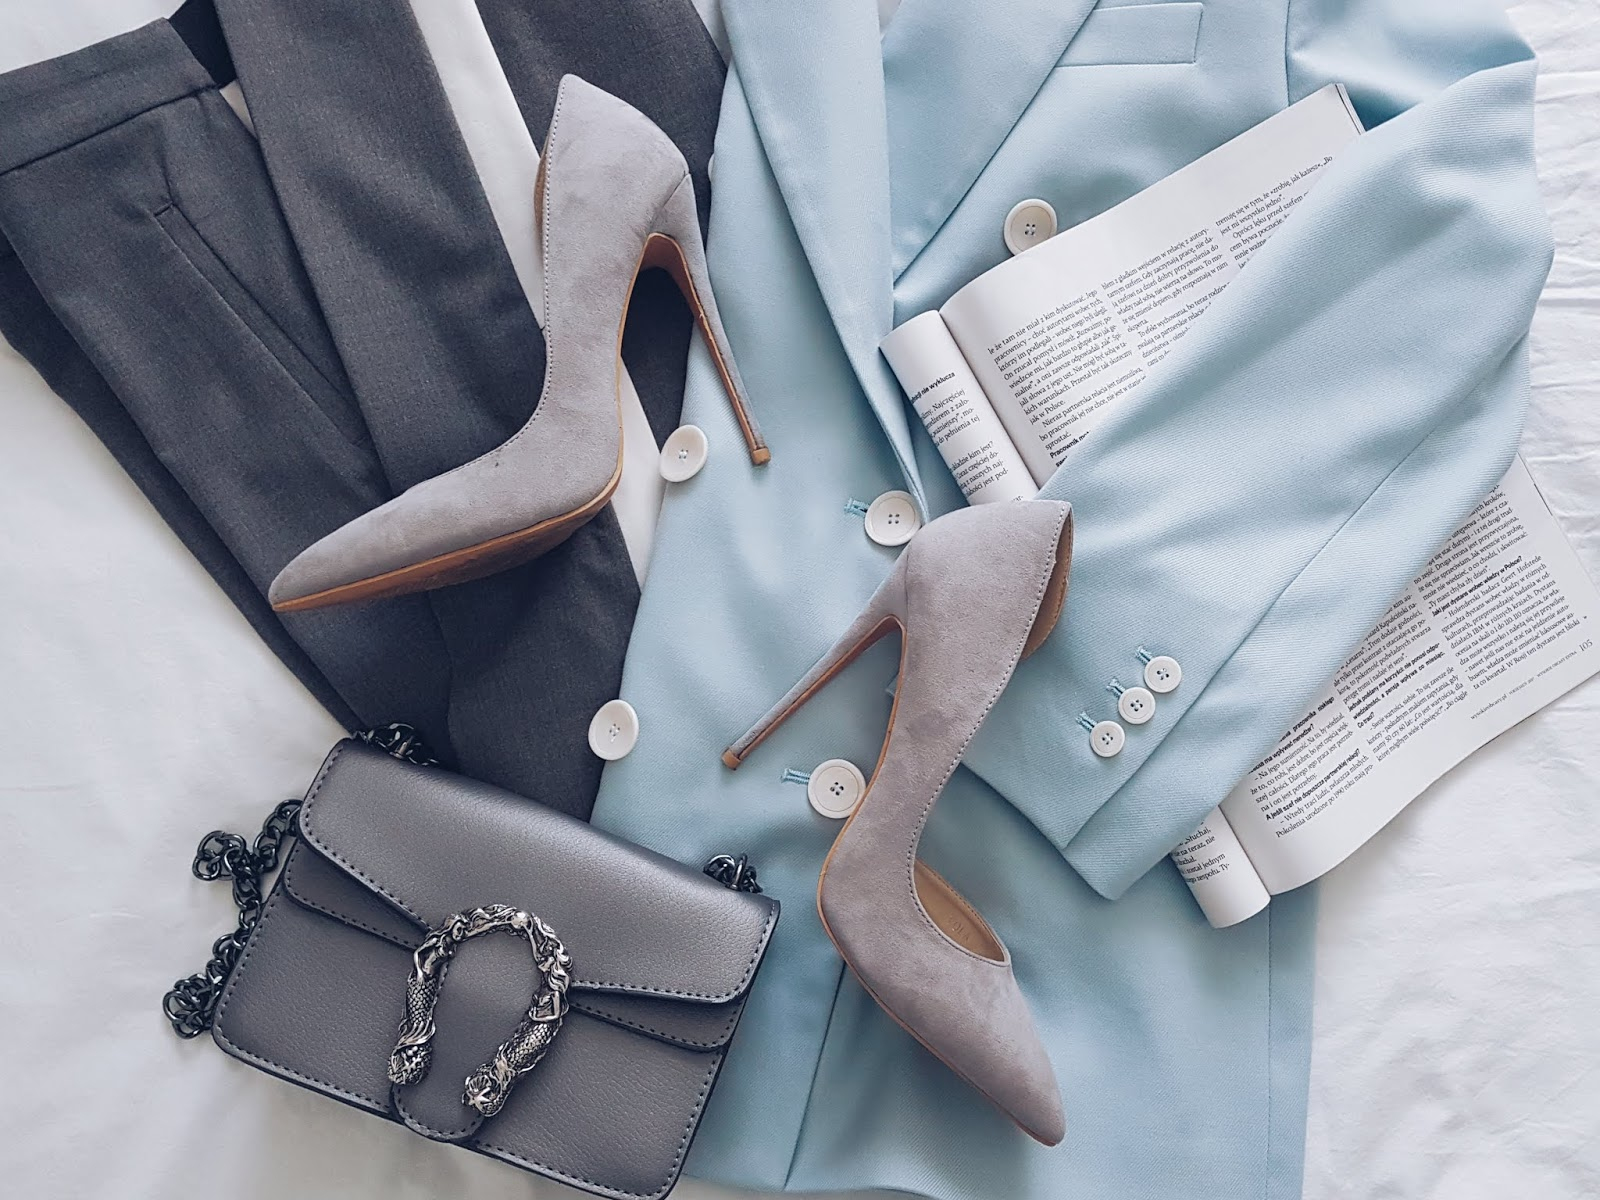 Zara blues czyli dwurzędowy blazer i spodnie z lampasami